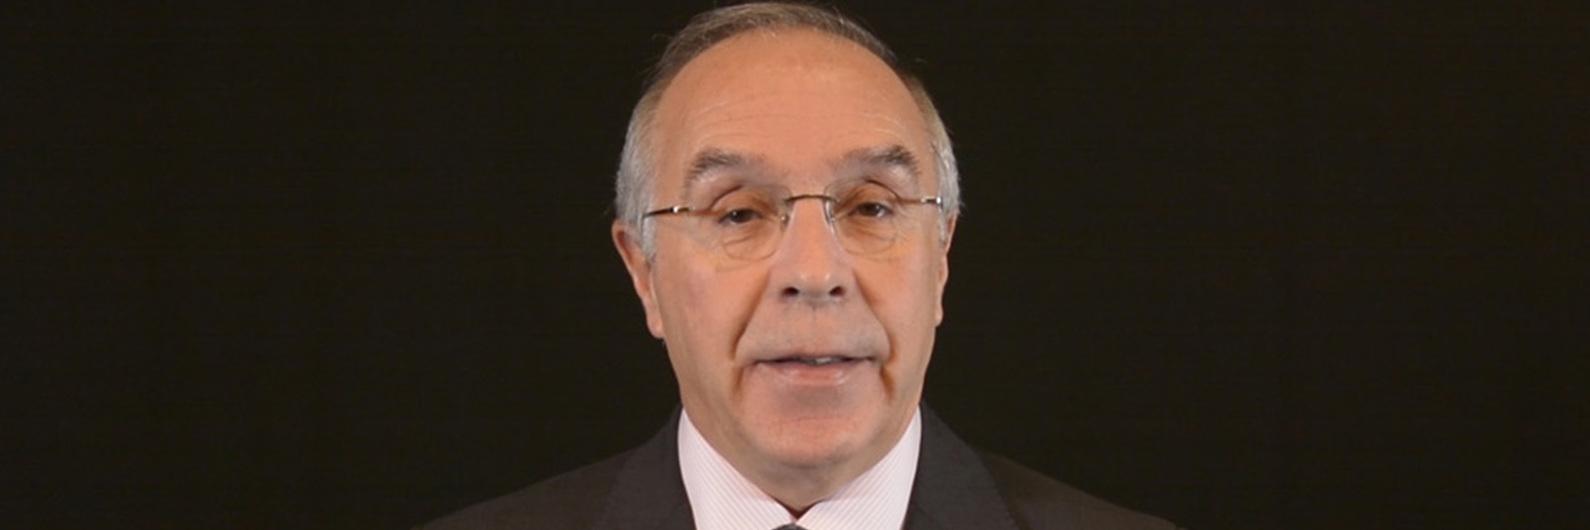 """Marques Mendes: """"O relatório com a proposta de reestruturação da dívida assusta investidores e agências de rating"""""""